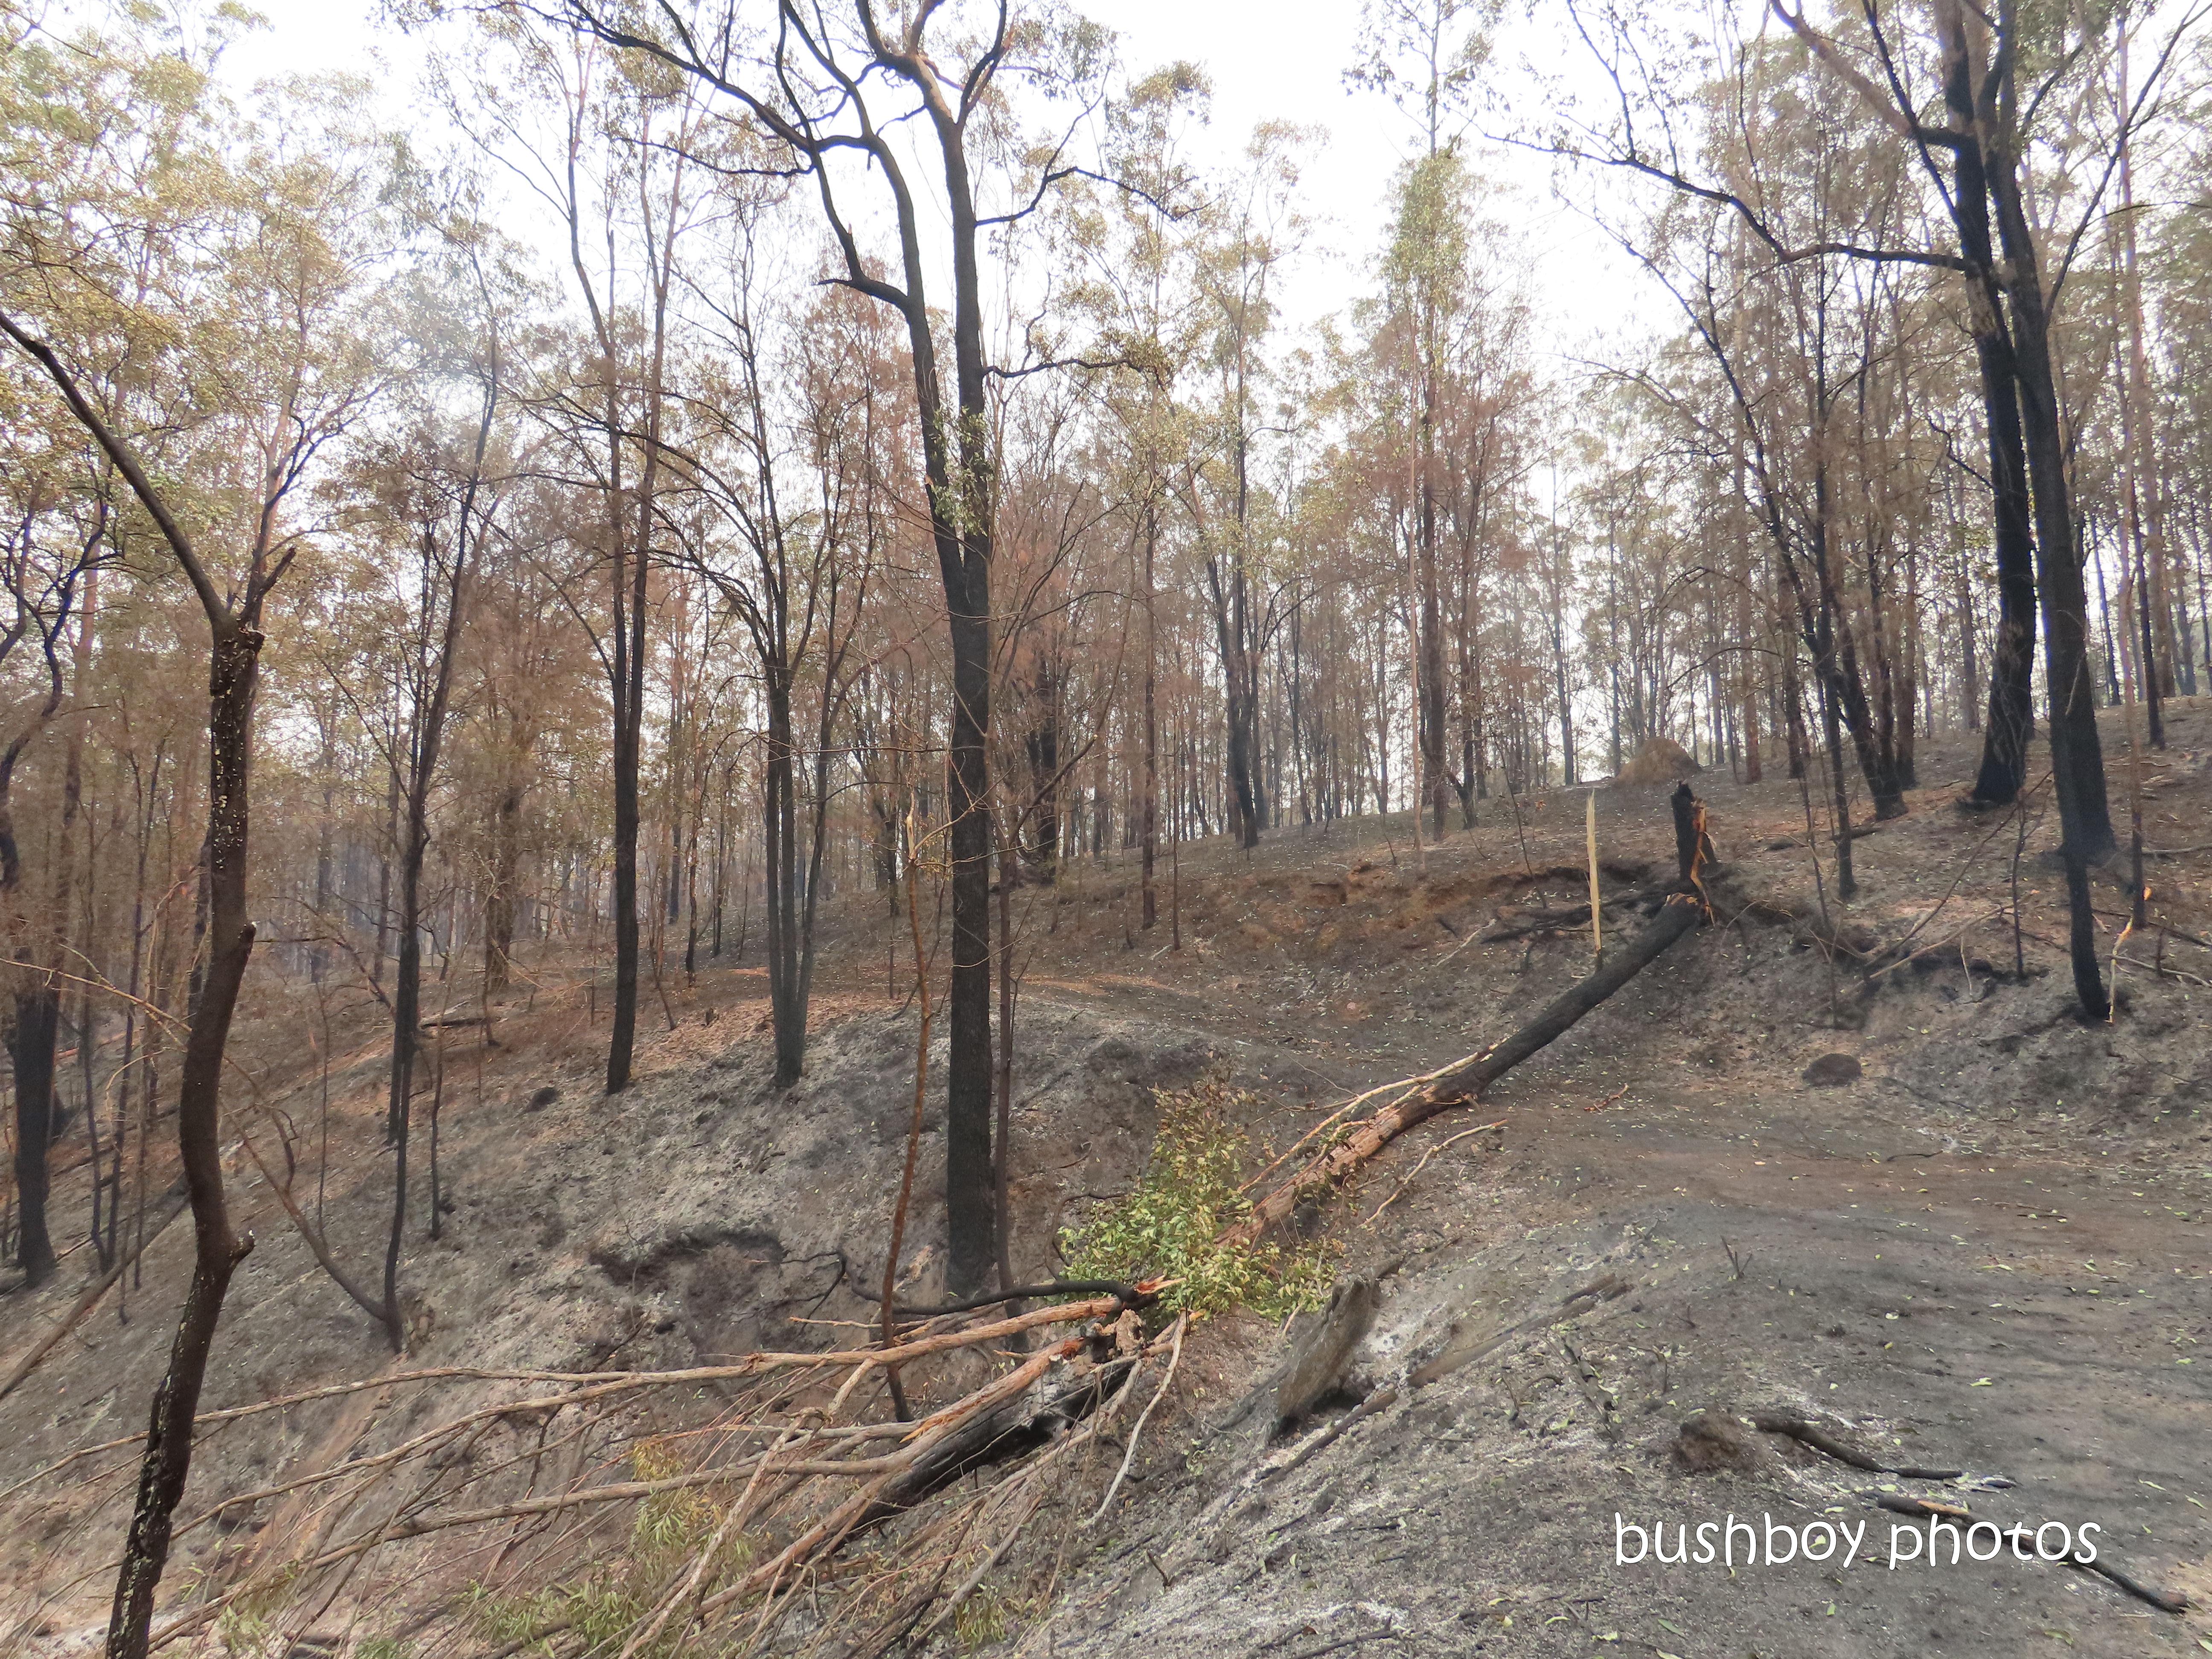 property_view2_fallen tree_track_durranbah_blog_fire_post_dec 2019